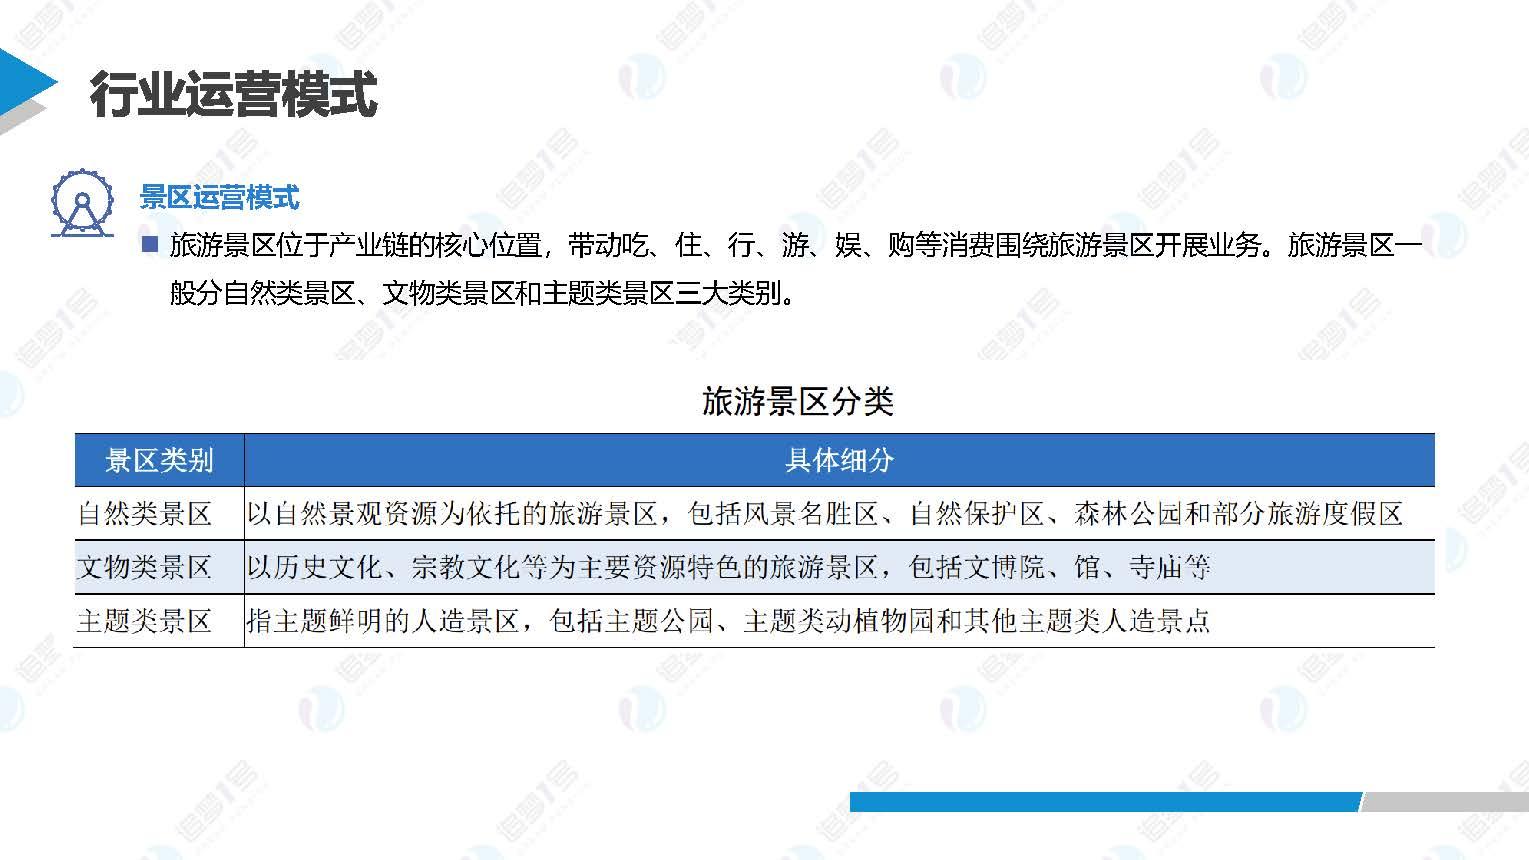 中国旅游行业研究 _页面_10.jpg